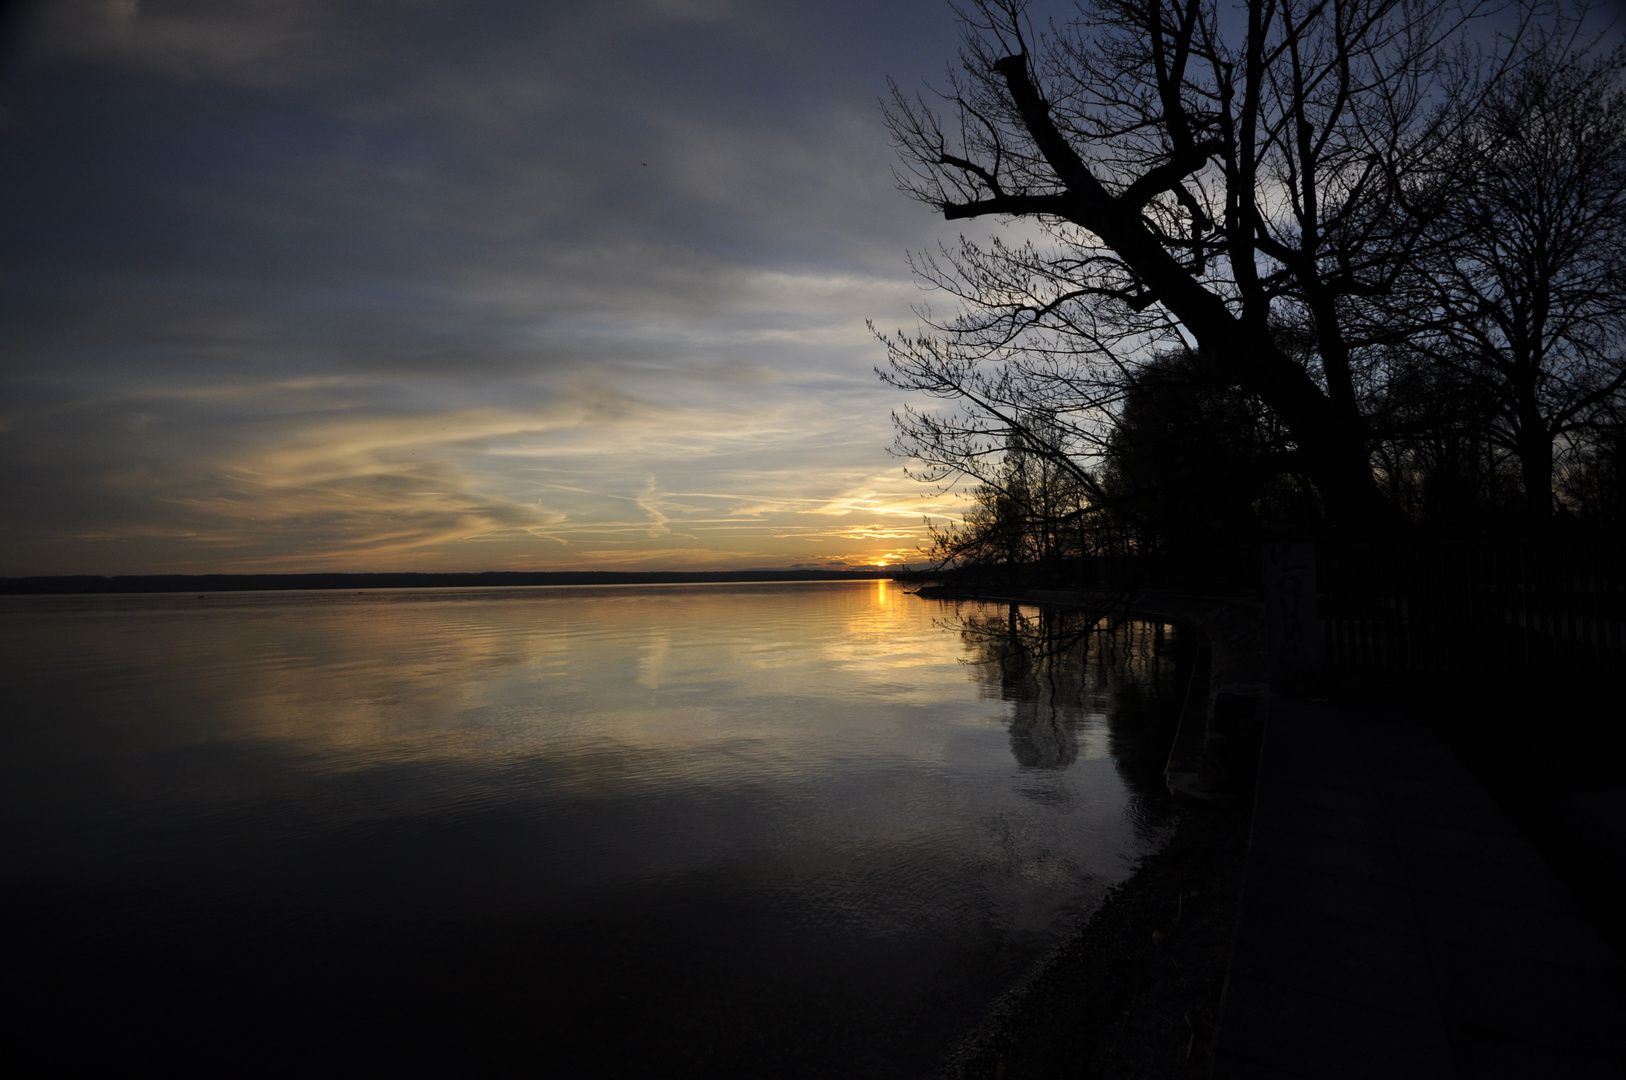 Abendstimmung am Ammersee zum Sonnenuntergang